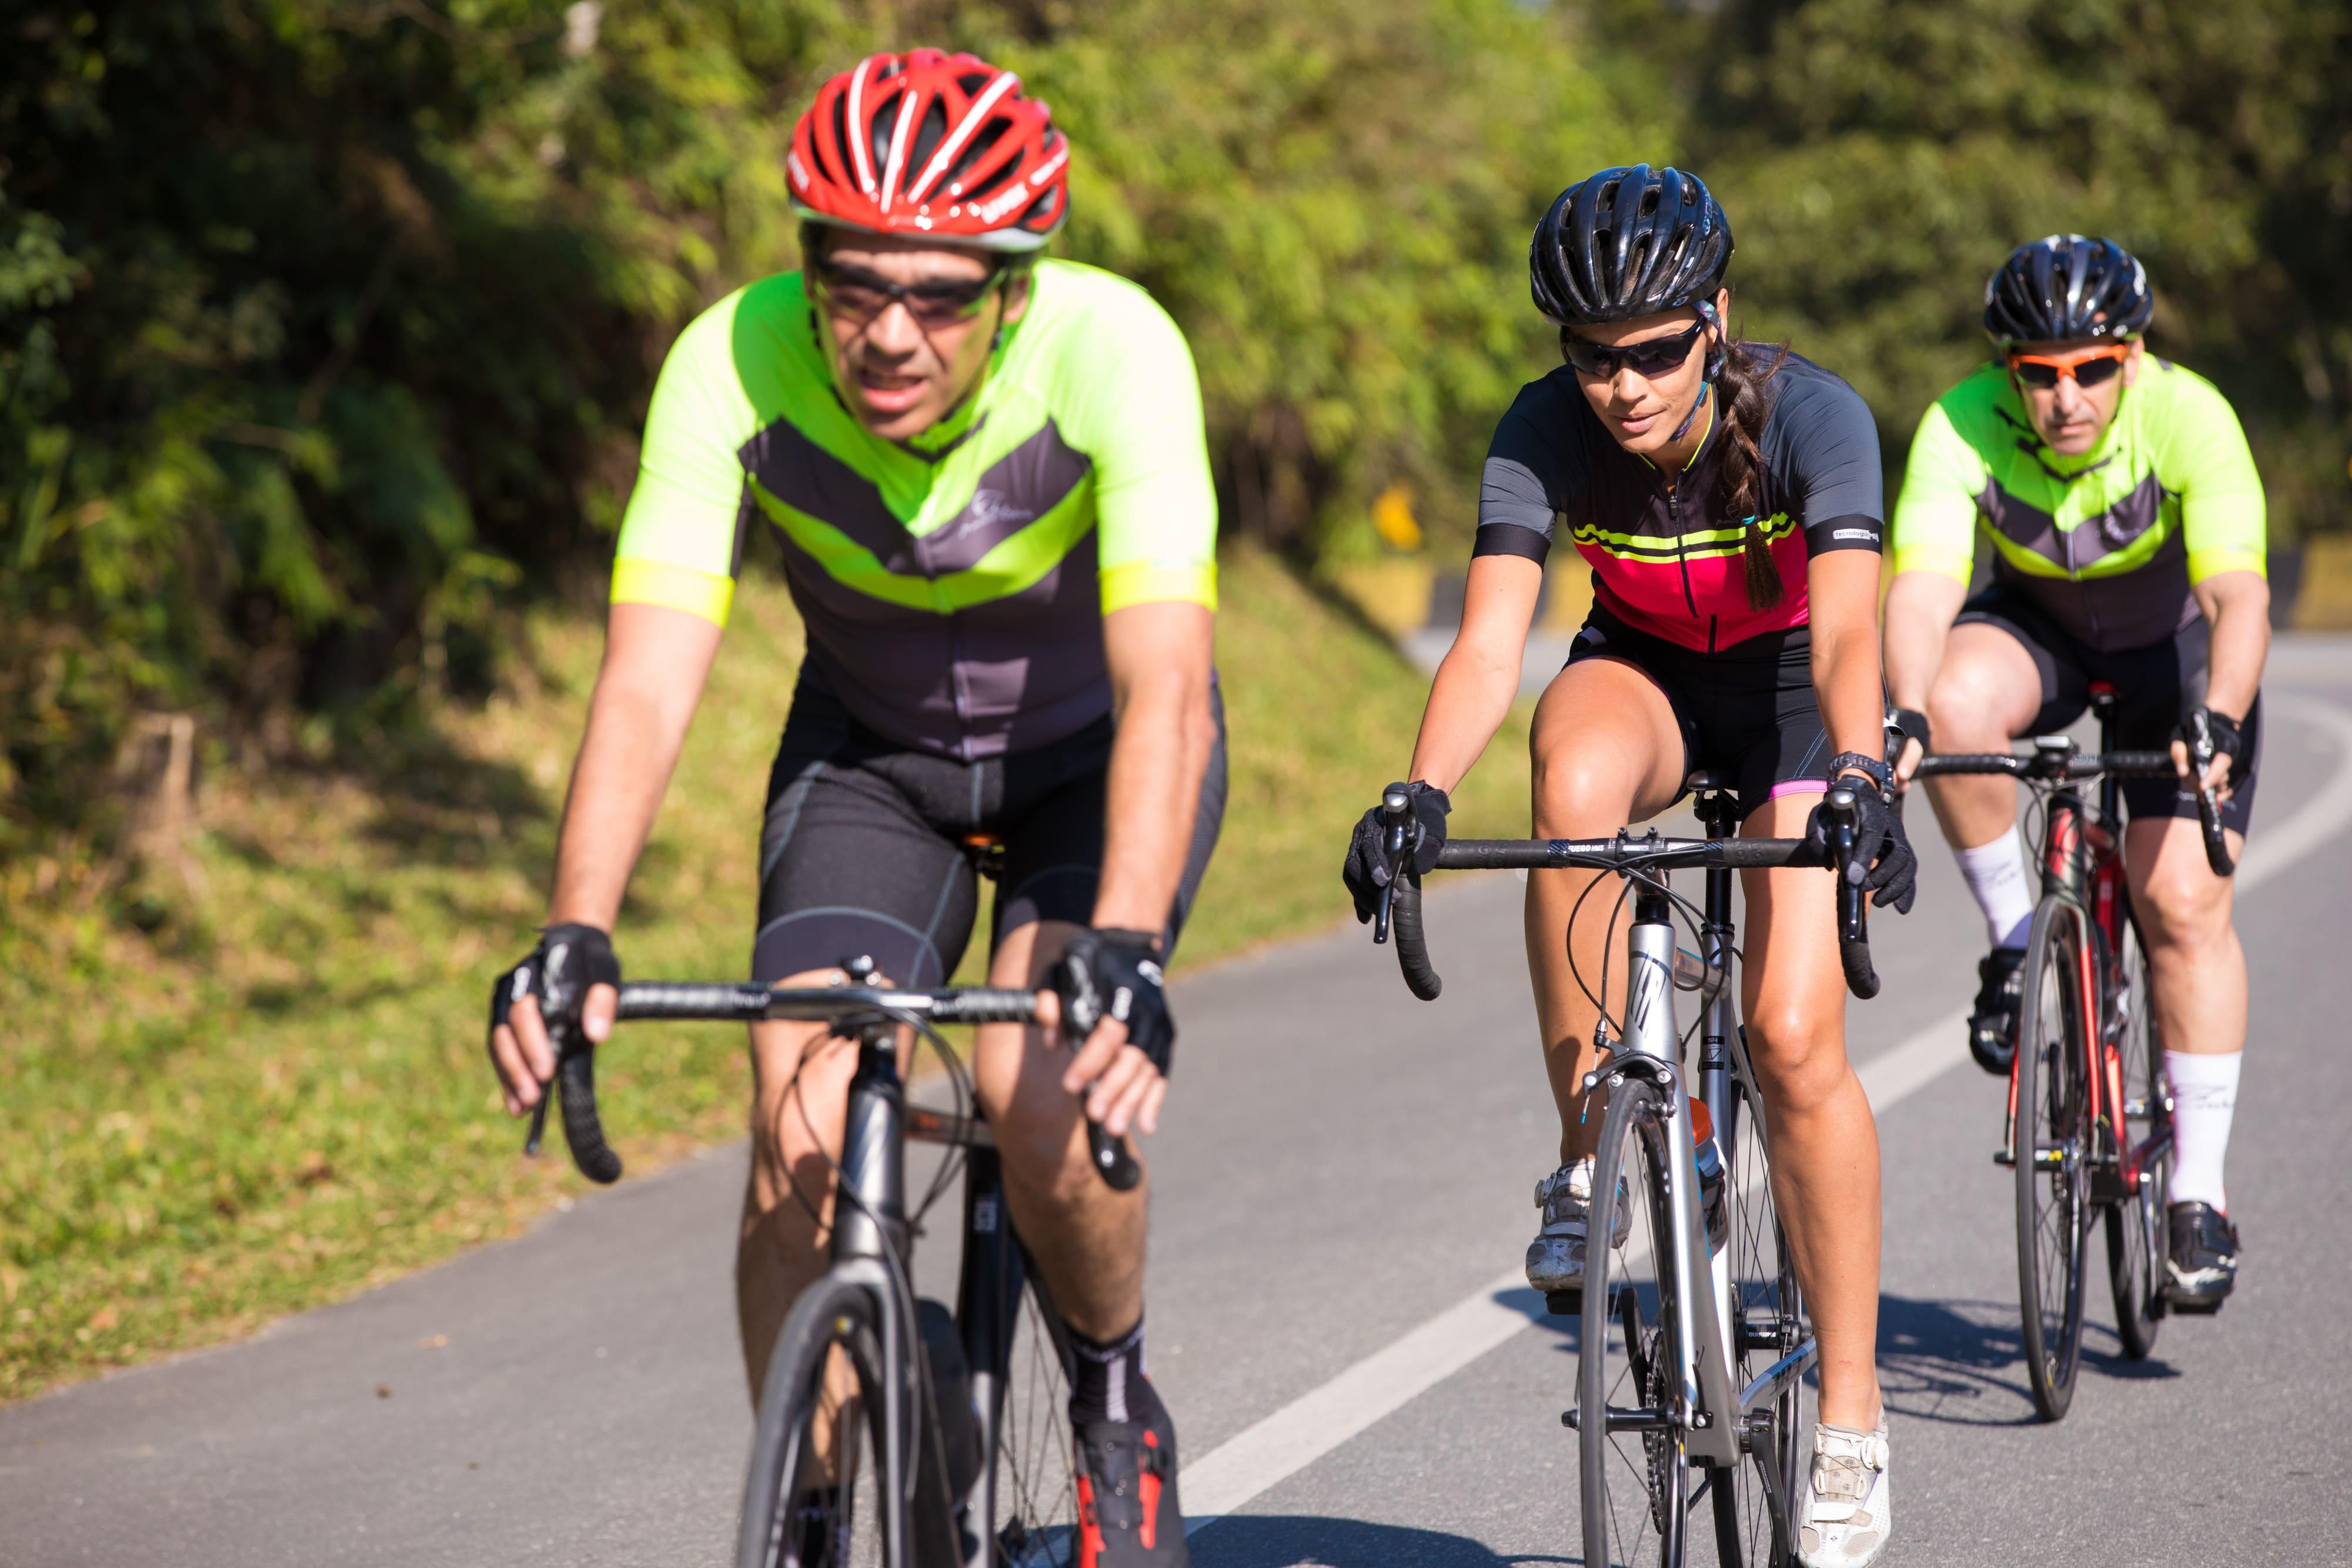 Modalidades de ciclismo  conheça as principais e veja qual faz seu ... 1b049dc498